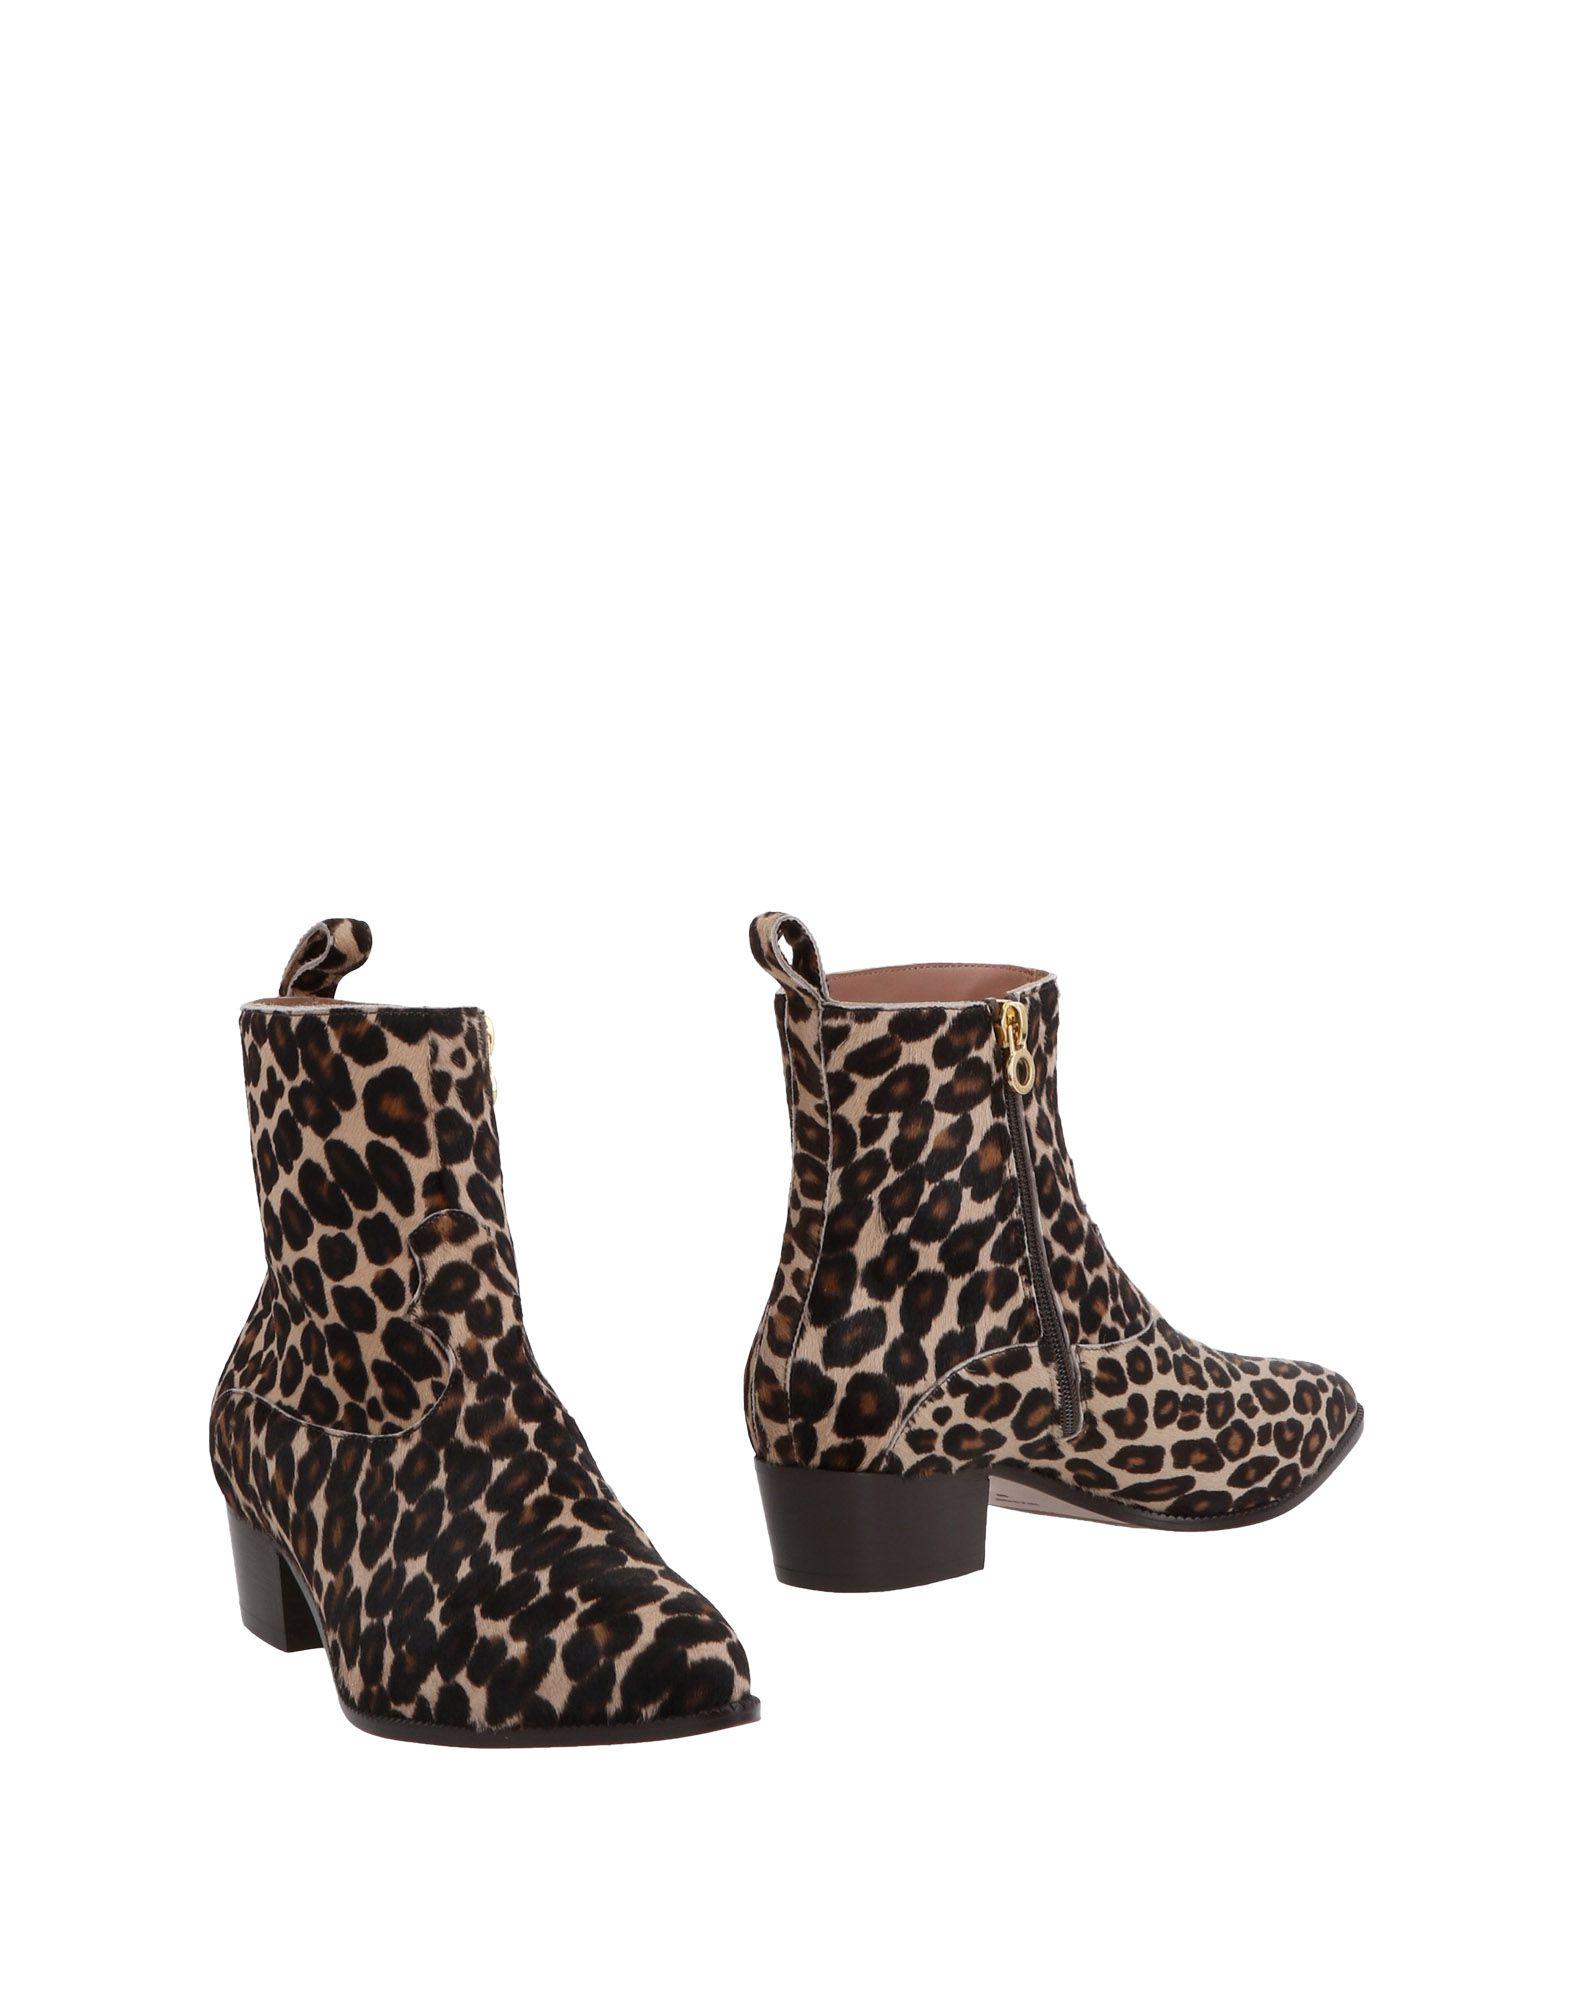 Bottine L' Autre Chose Femme - Bottines L' Autre Chose Beige Dernières chaussures discount pour hommes et femmes